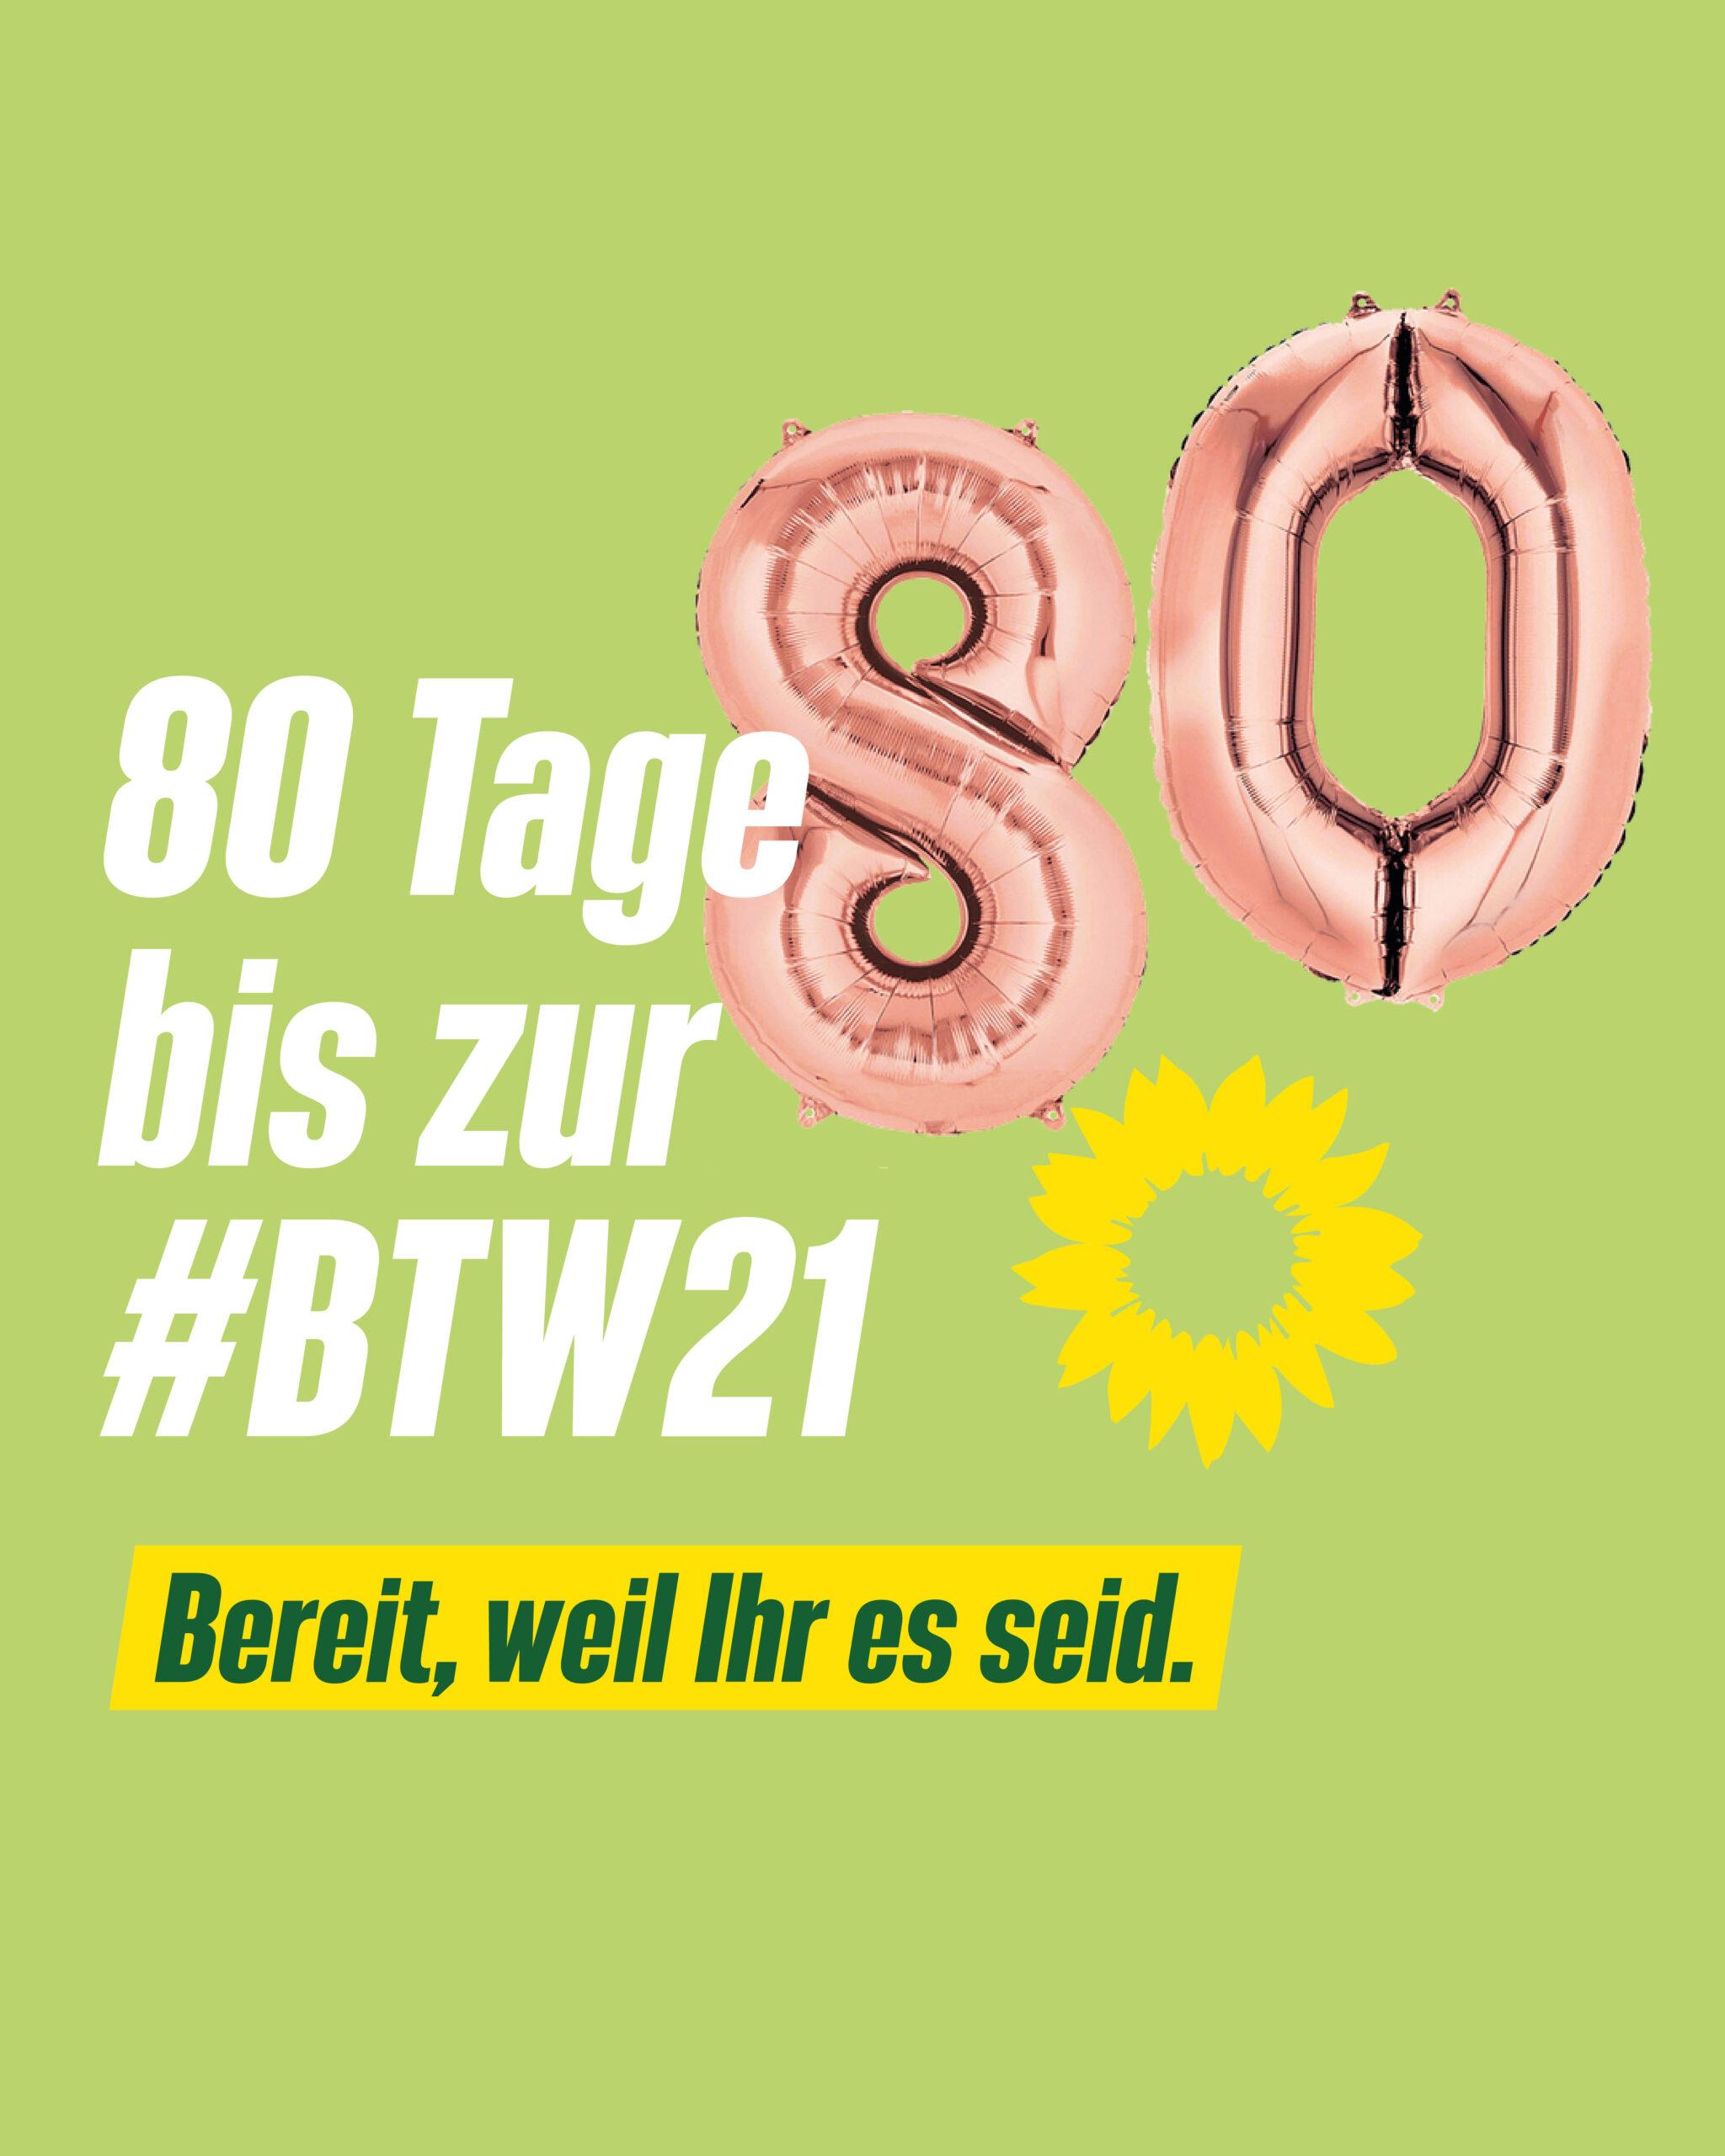 80 Tage bis zur Bundestagswahl